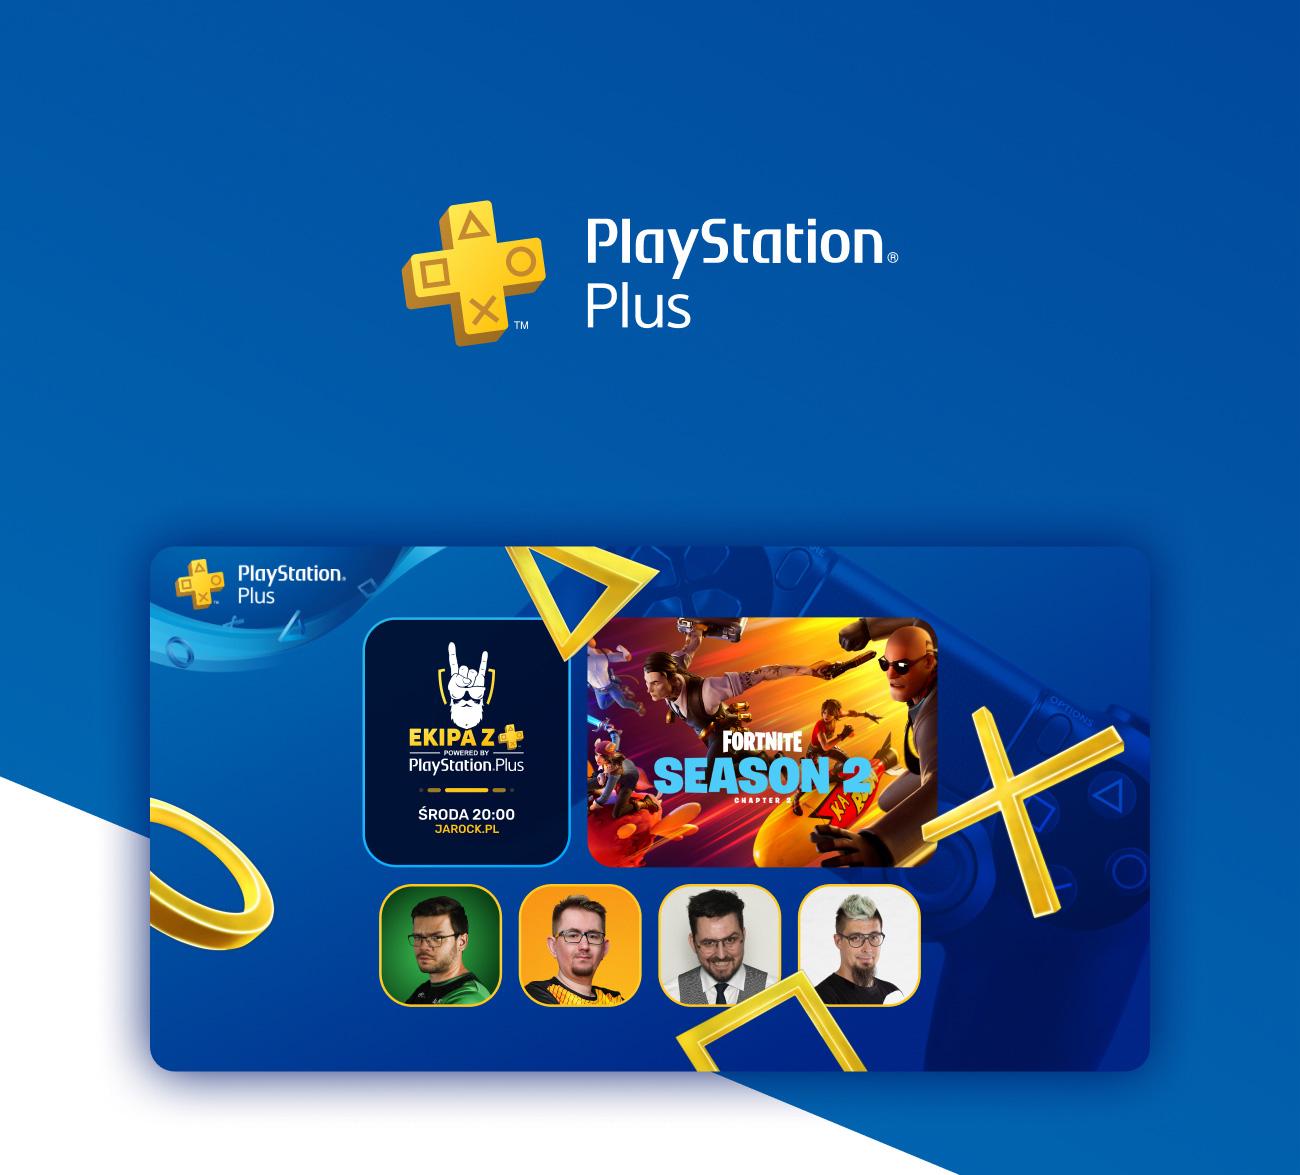 Grafika promocyjna Ekipa z Plusem (gra Fortnite) dla PlayStation Plus